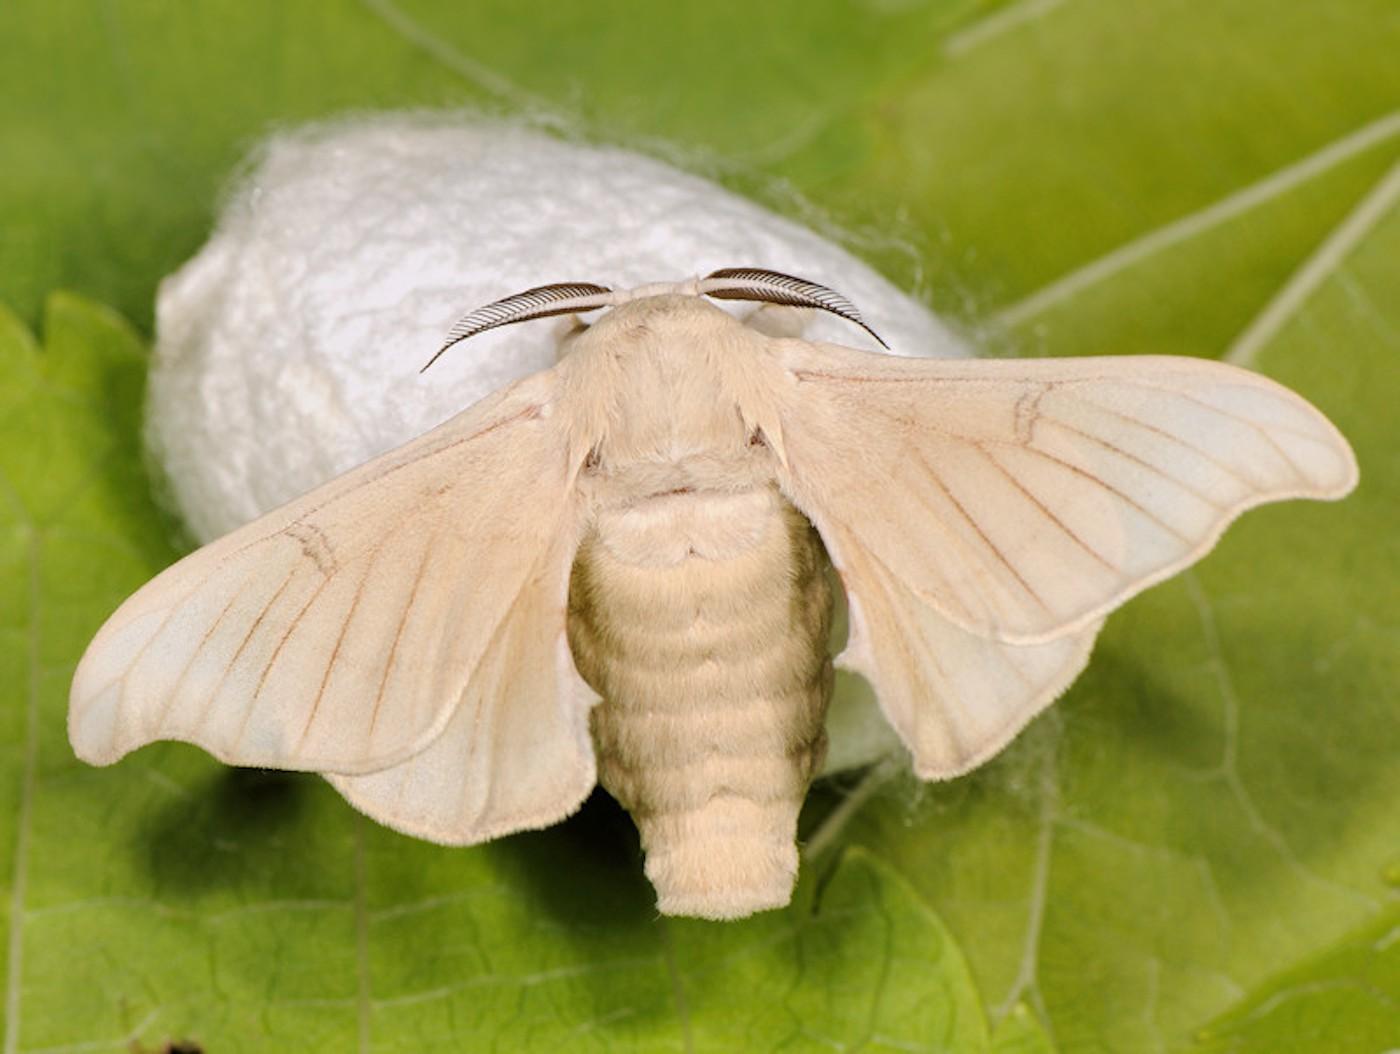 Родной брат одомашненного шелкопряда, встречается очень редко.